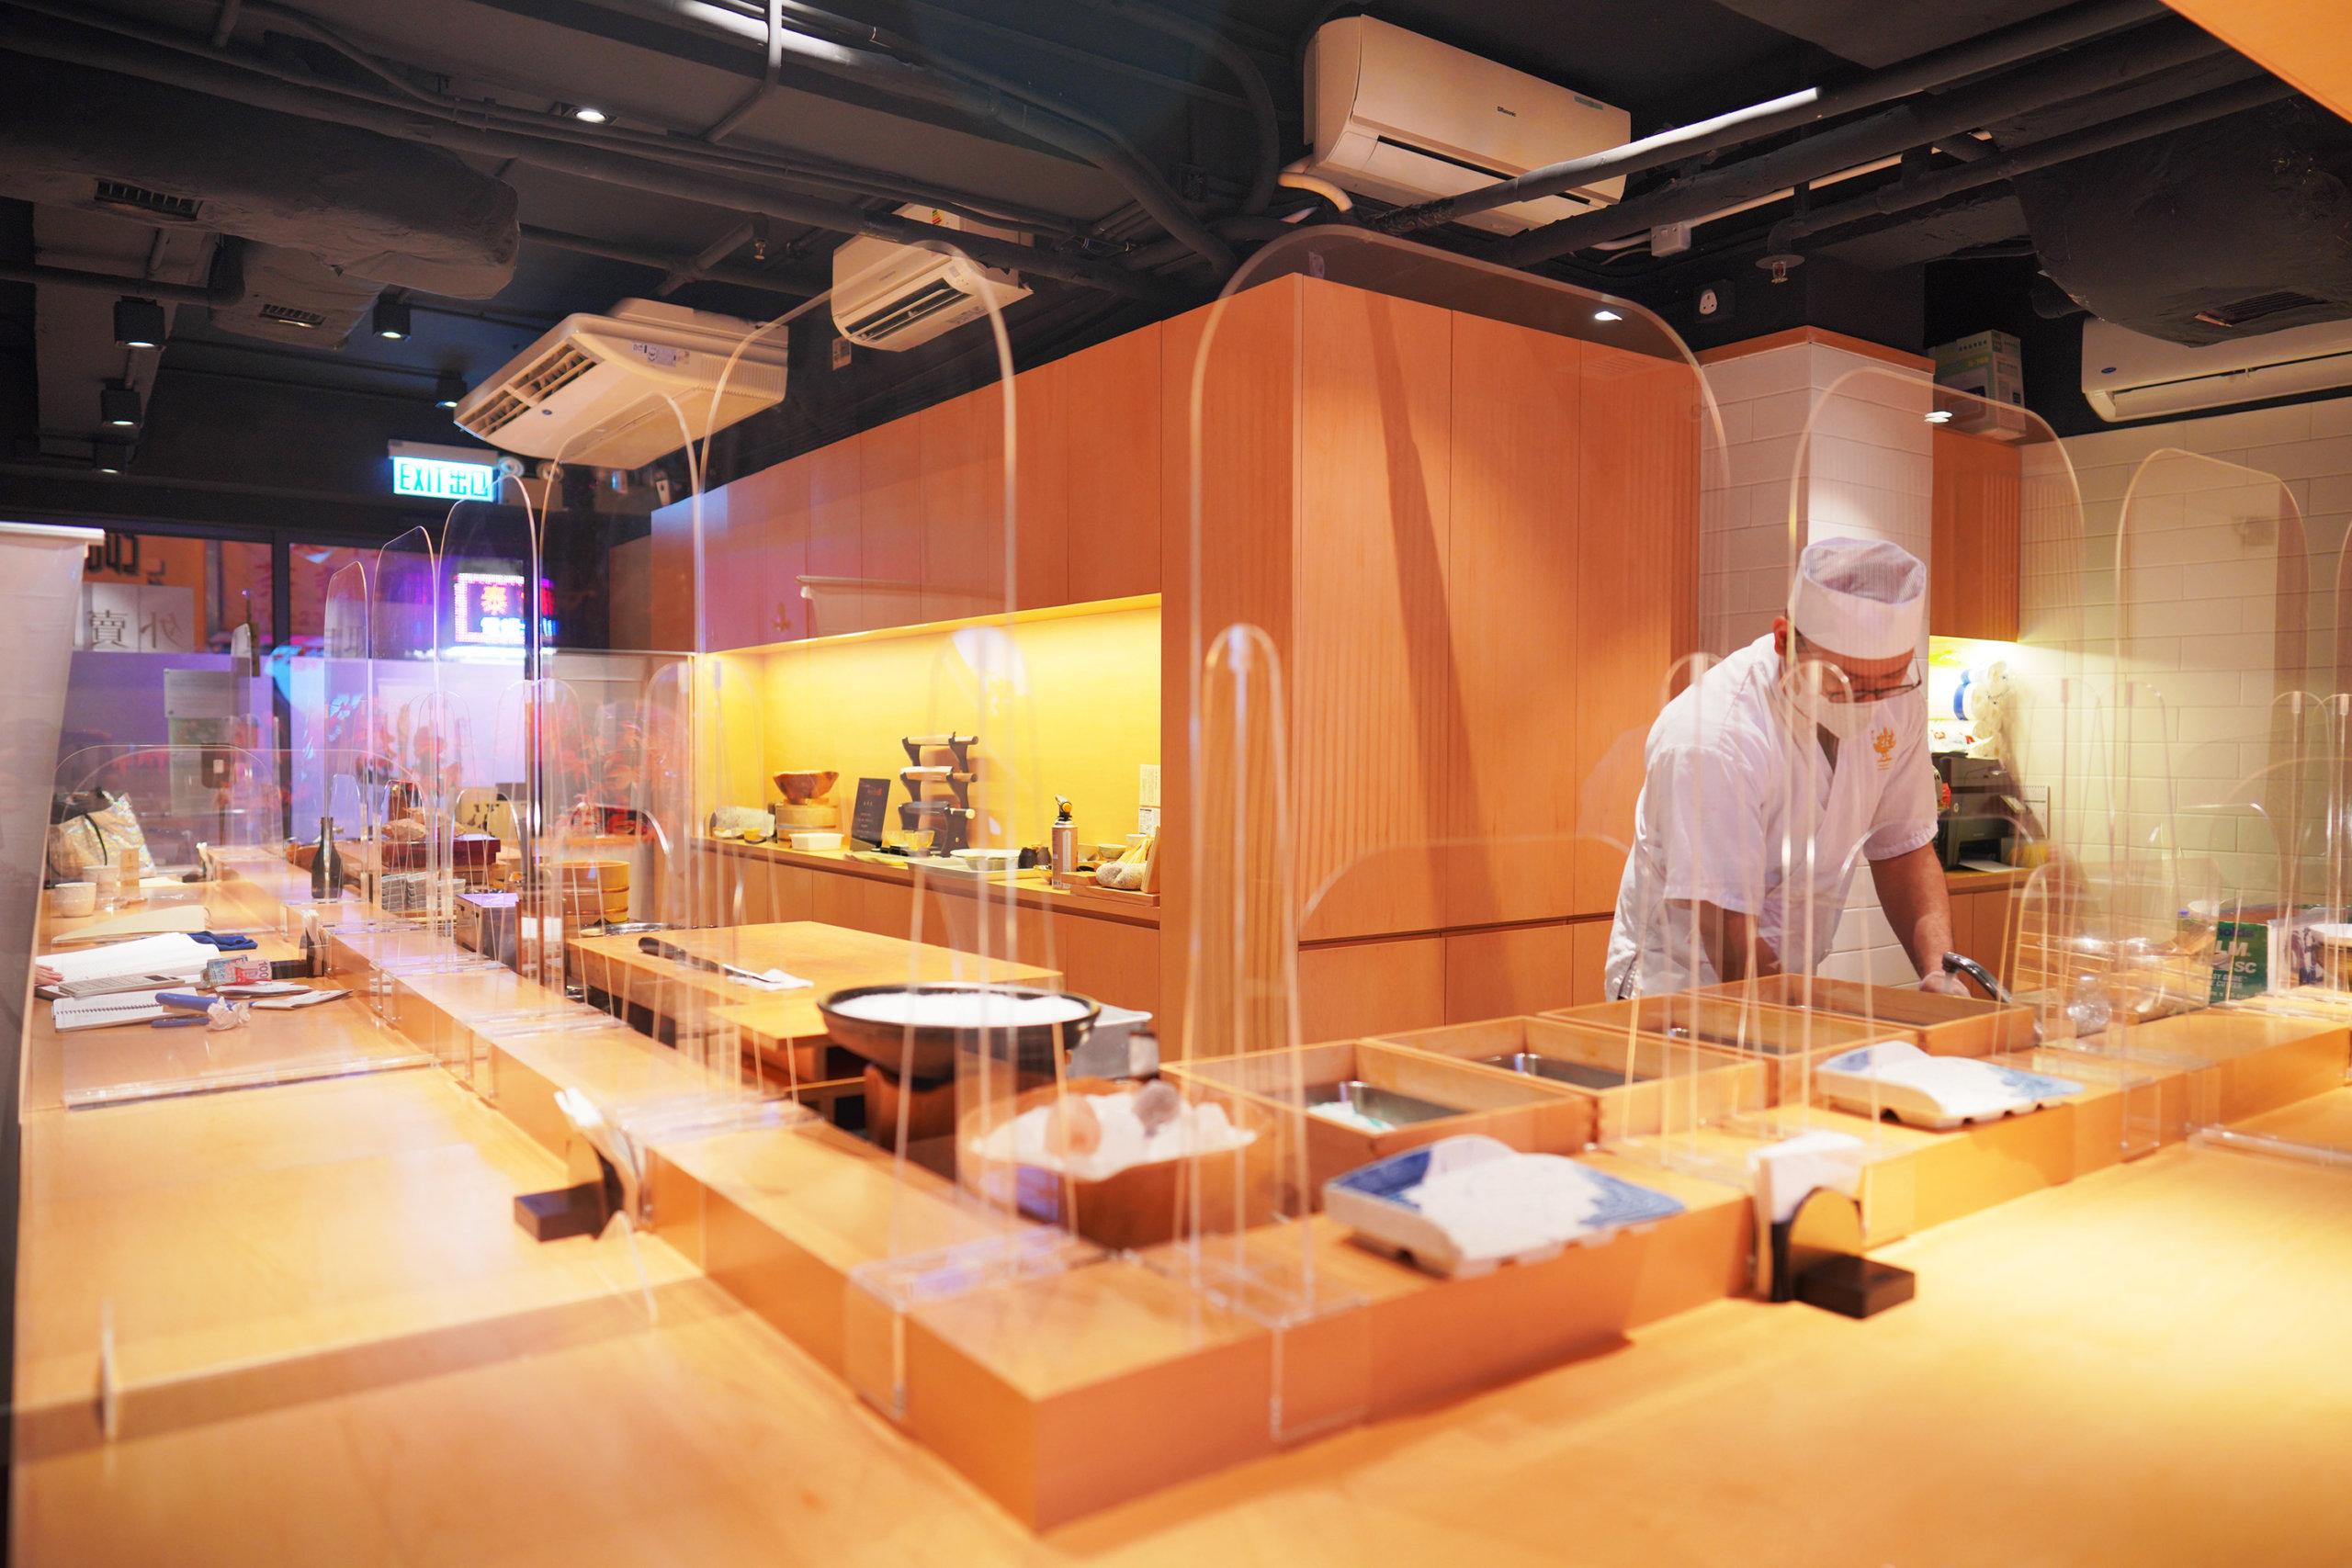 壽司豐比一般Omakase店大,仲設有廂房。